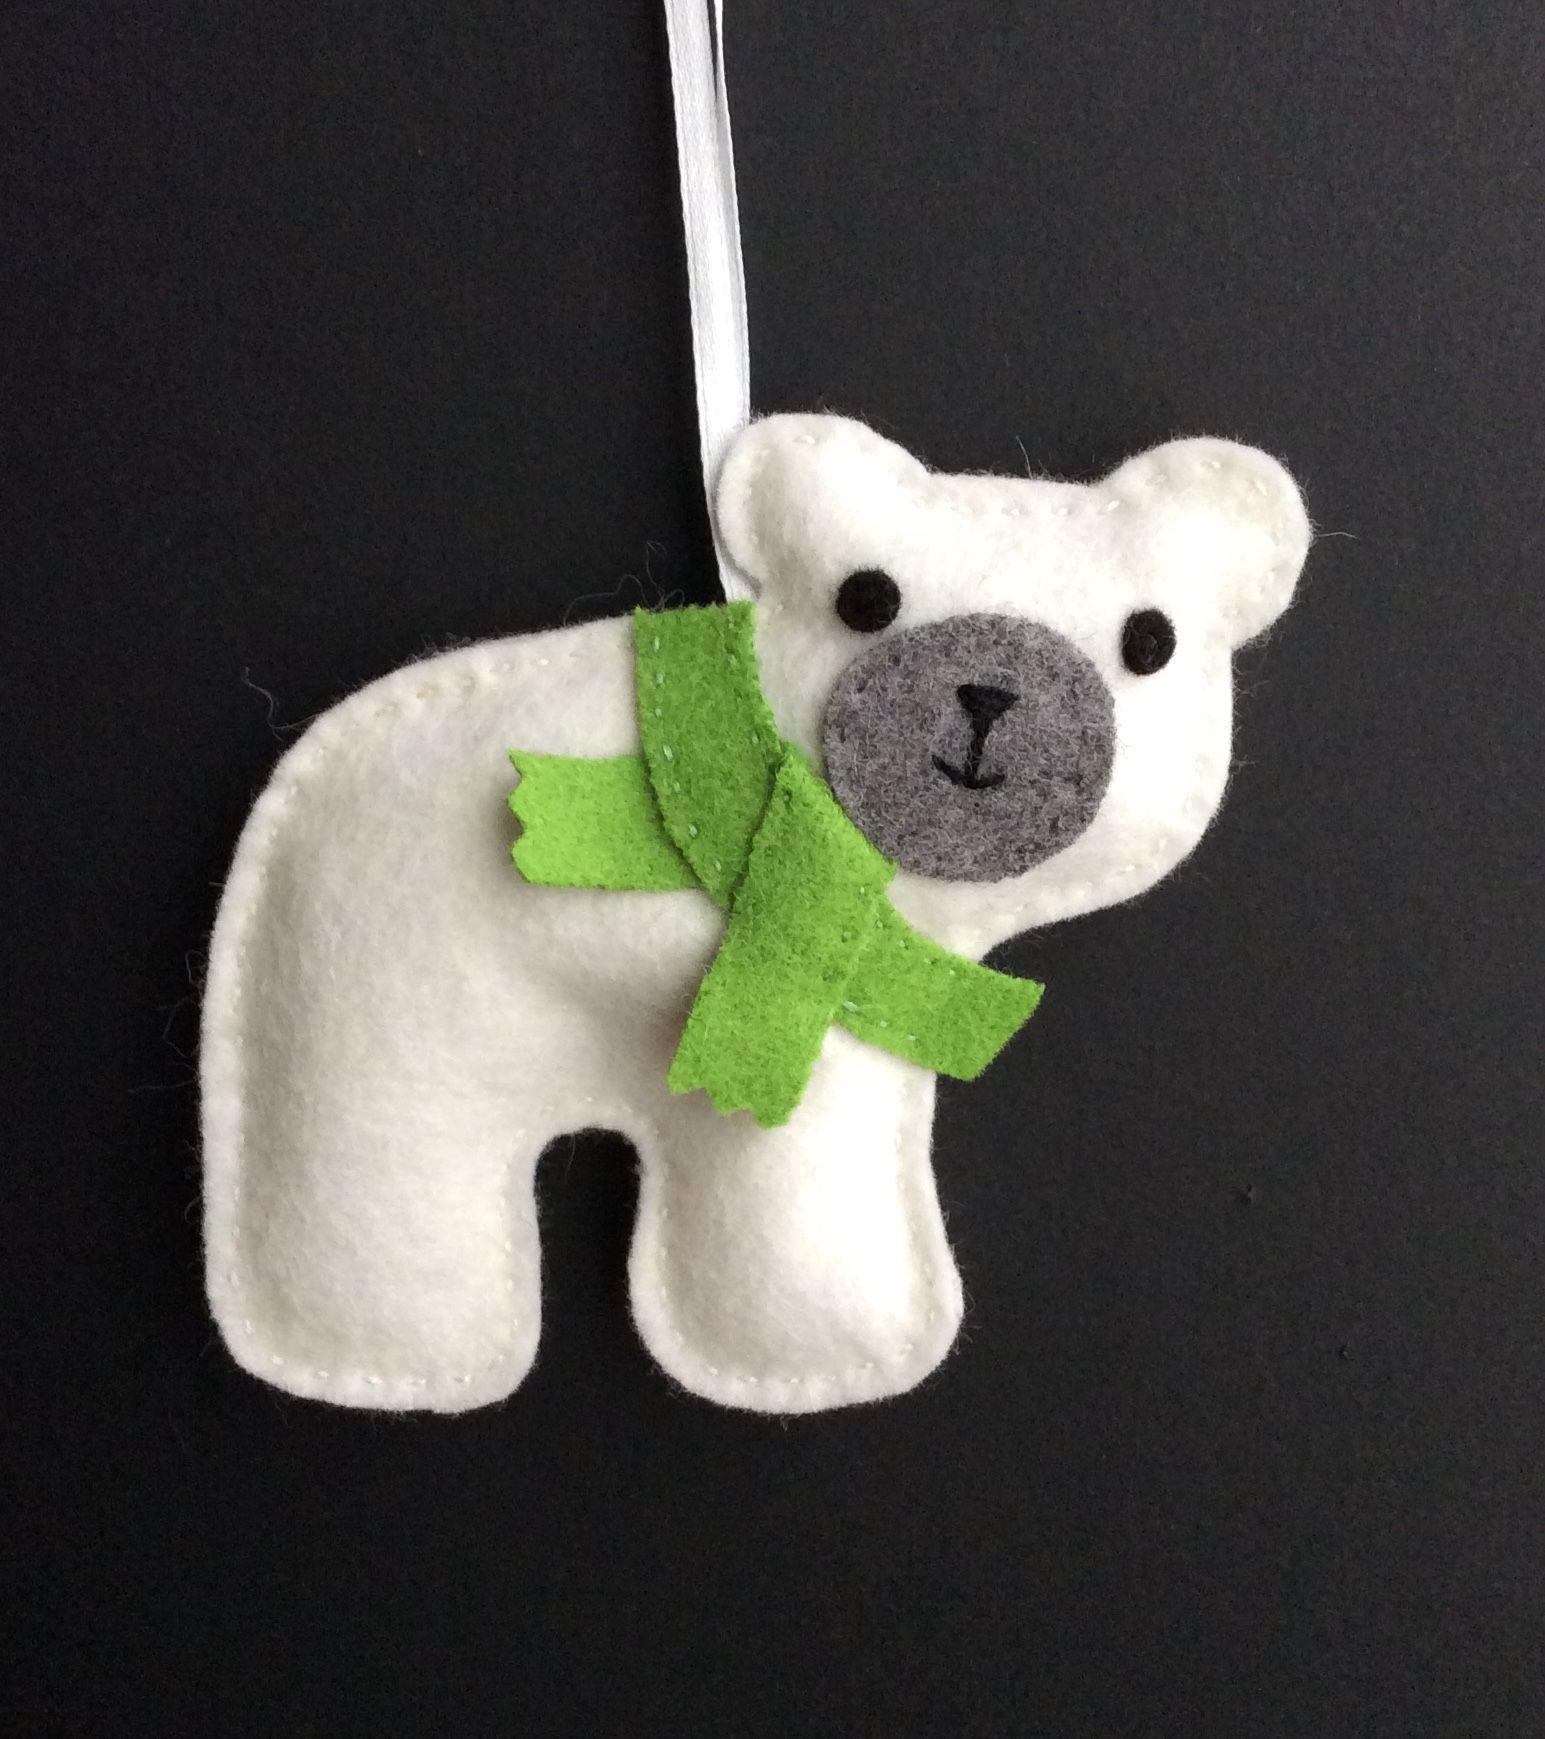 Felt Polar Bear Felt Christmas Ornaments Felt Ornaments Felt Ornaments Patterns